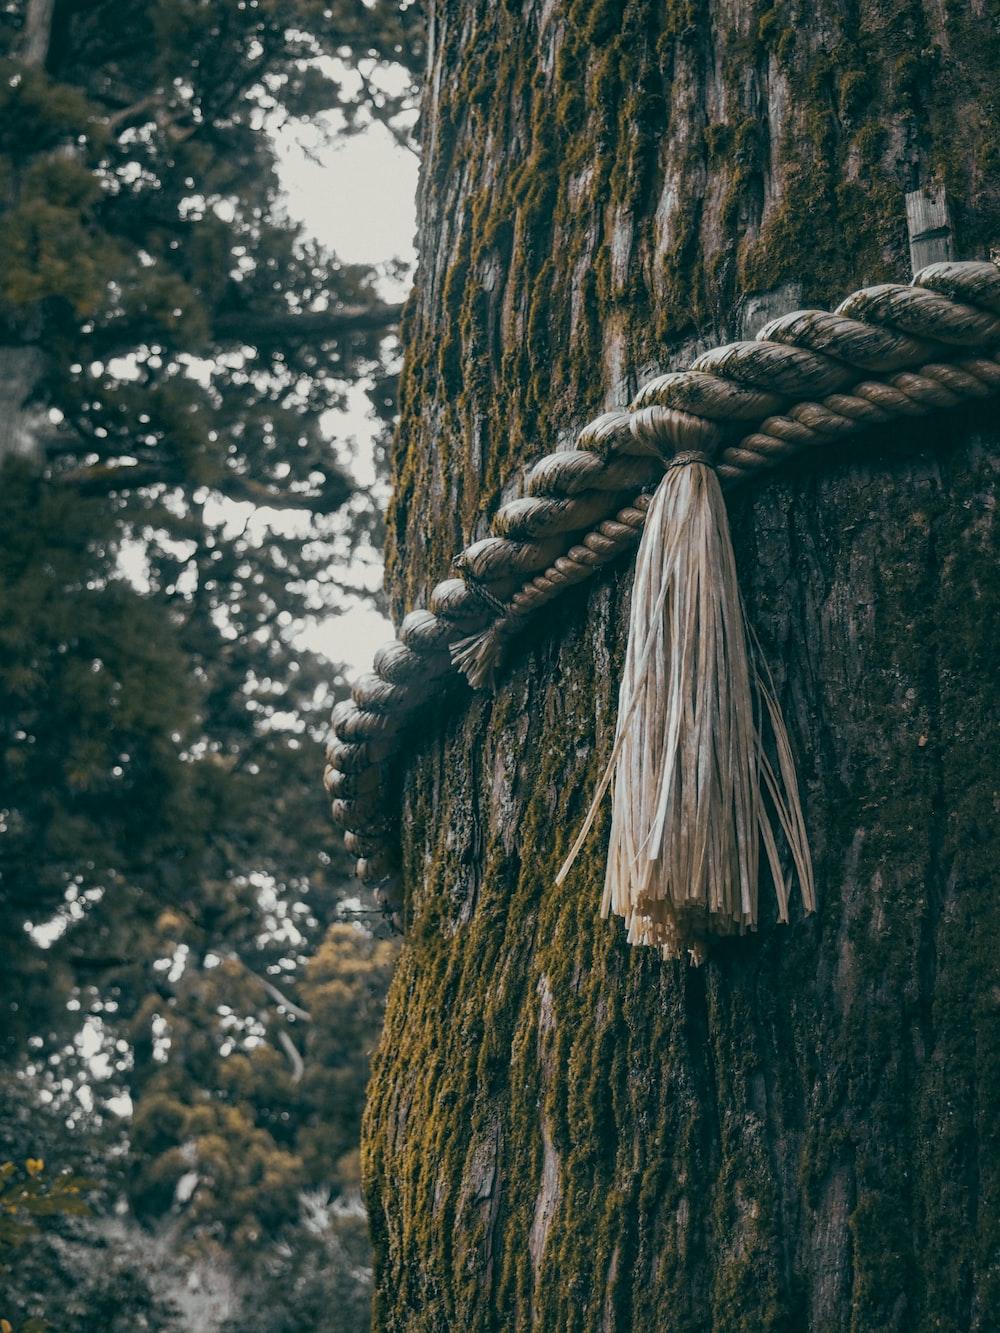 brown rope tied on brown tree trunk